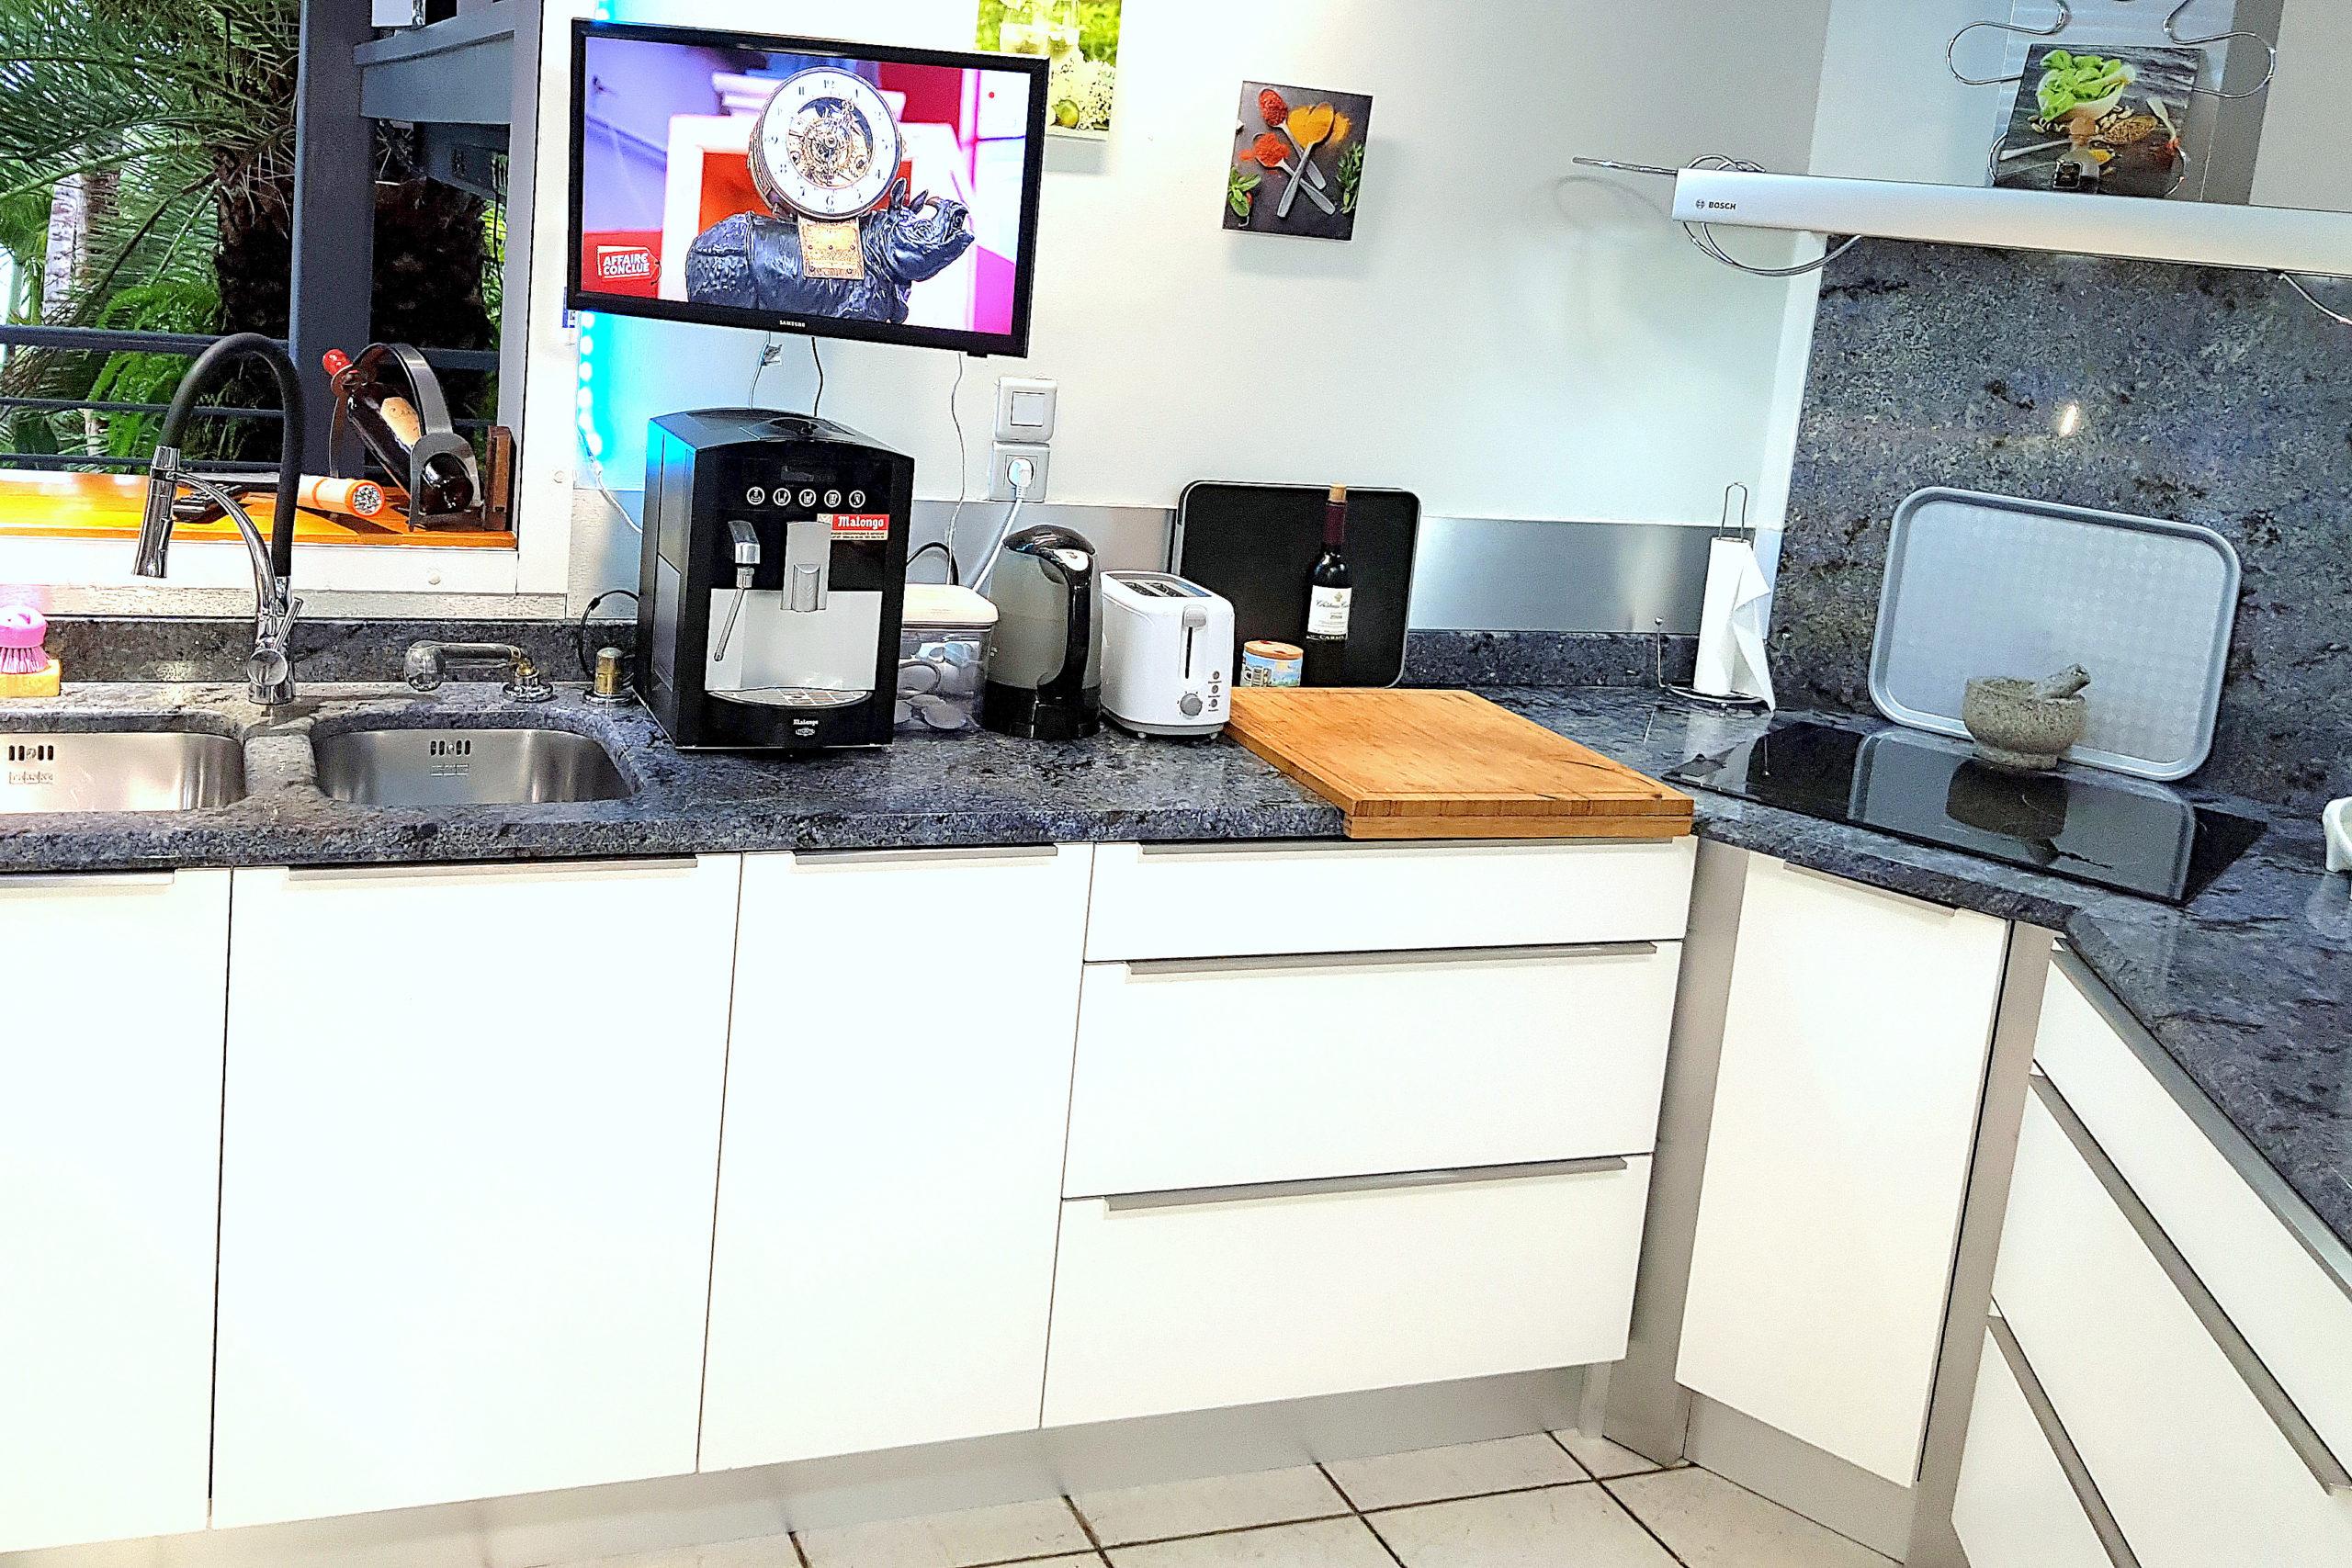 Cuisine partagée avec plaques induction, tv et machine à café malongo donnant sur le jardin tropical